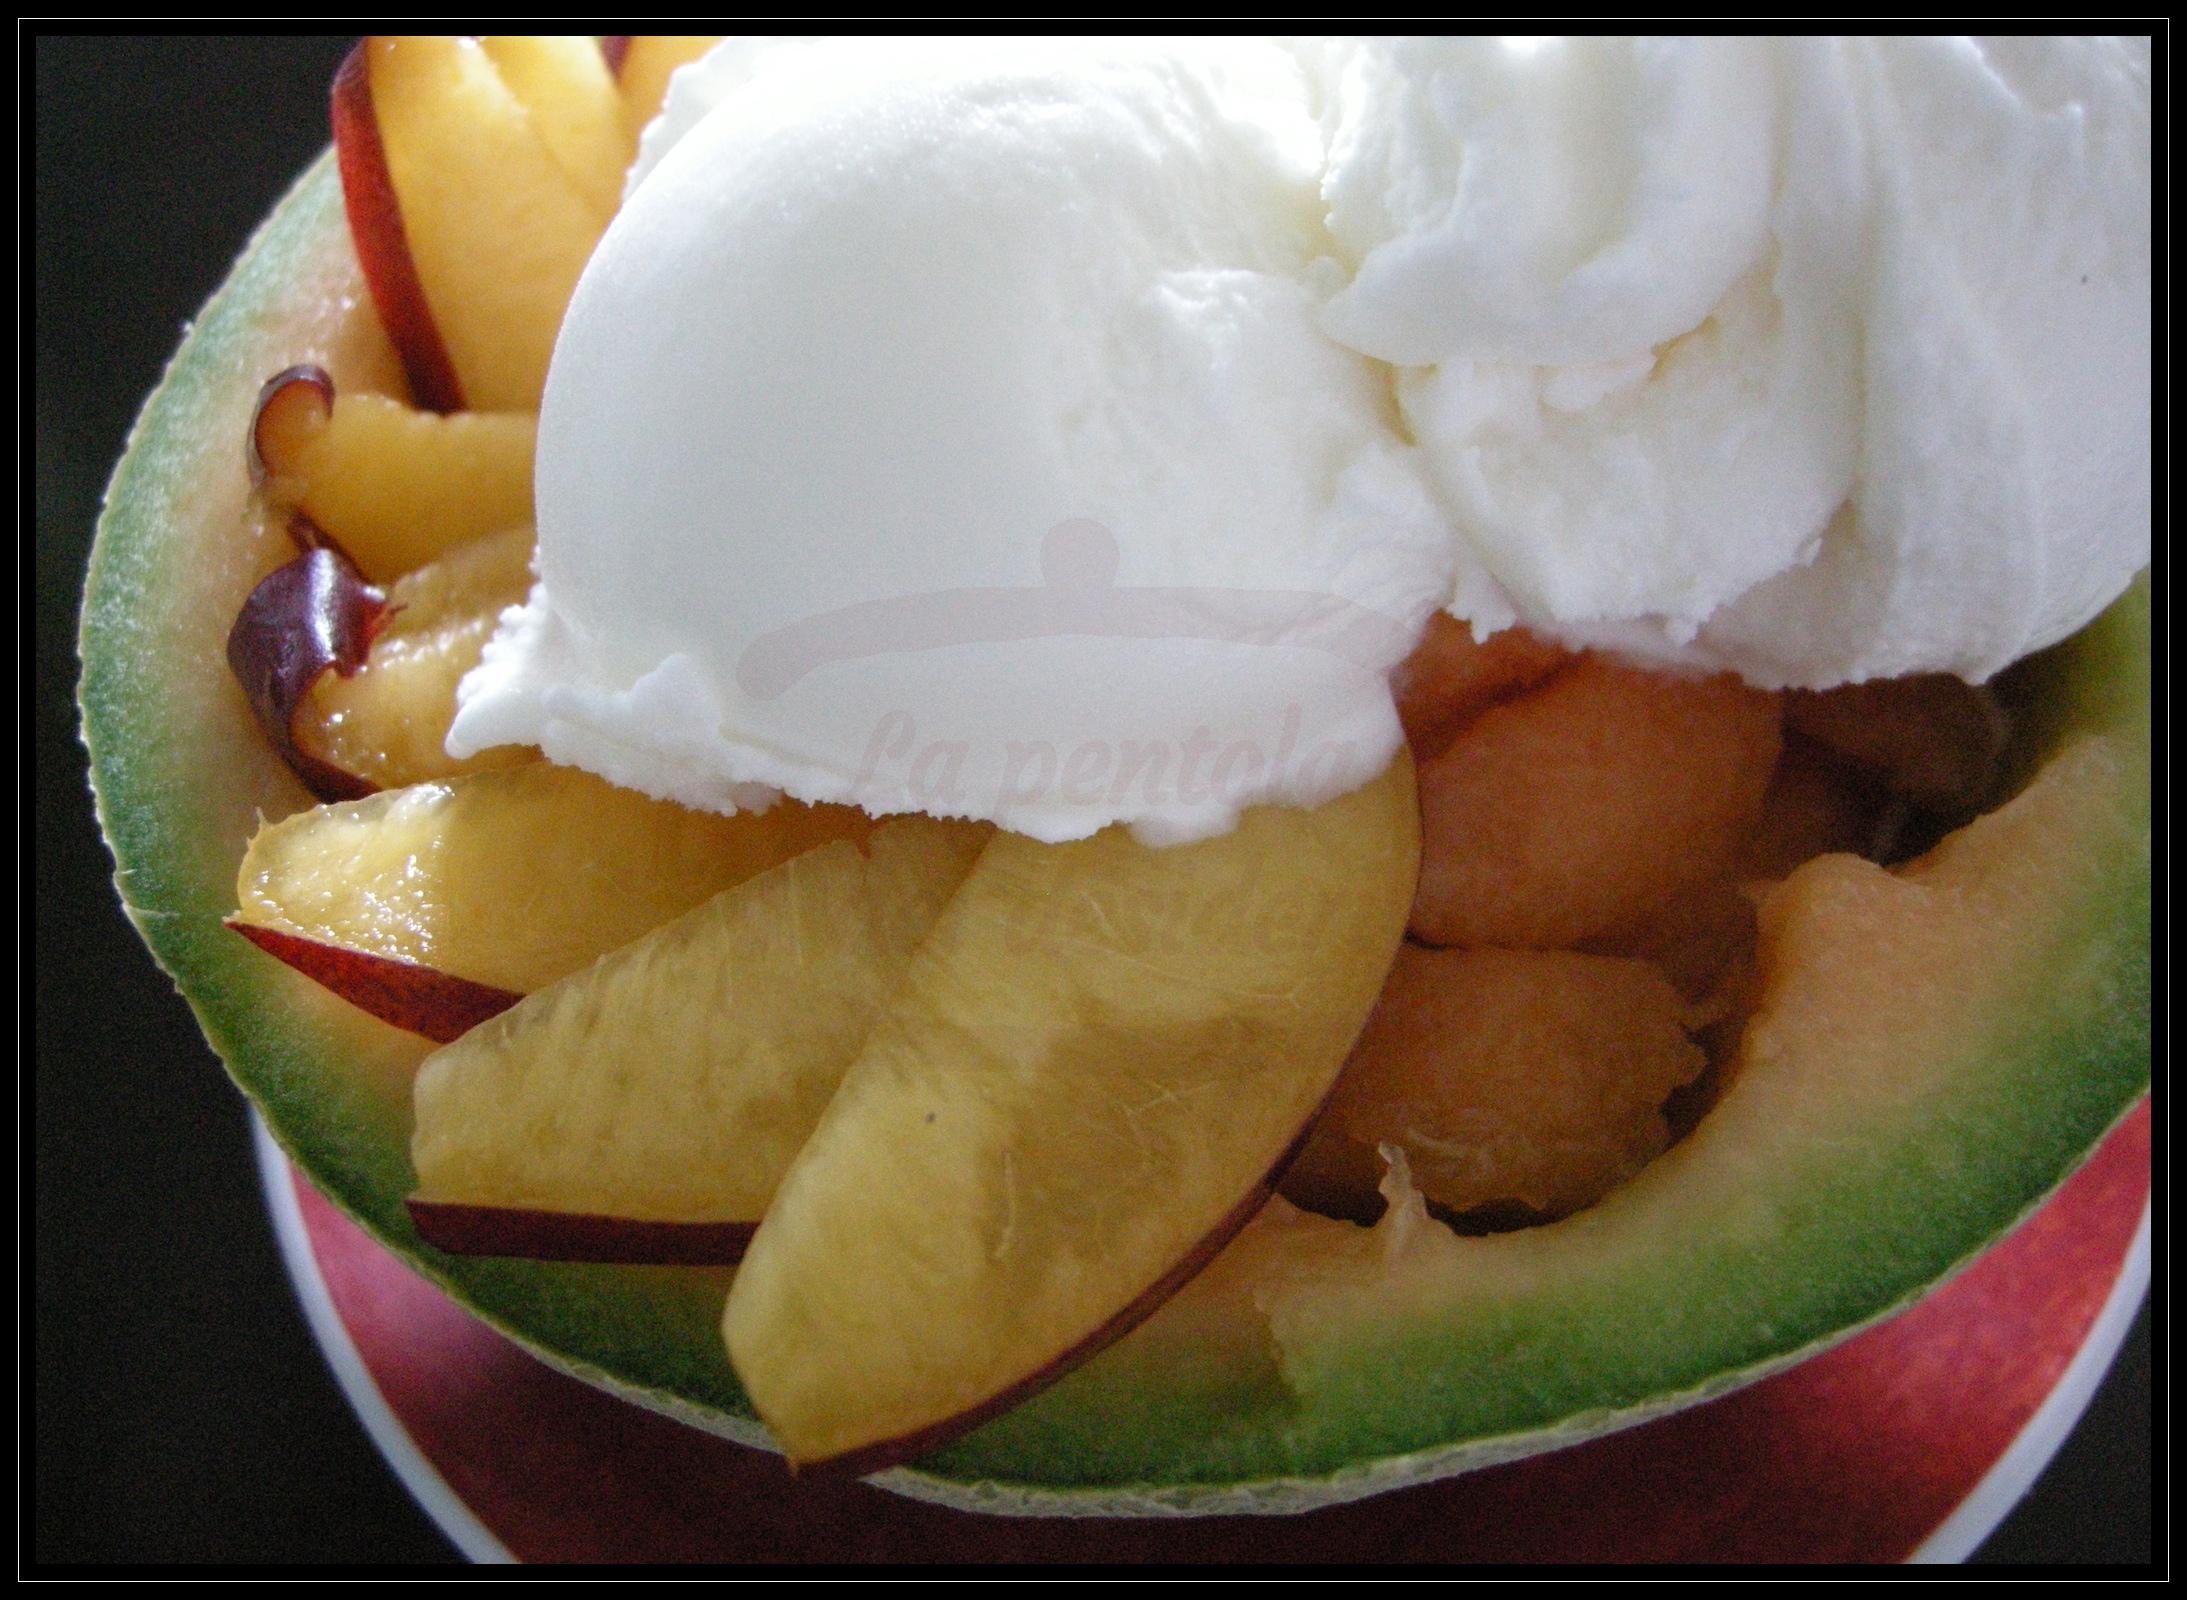 Coppa di melone e pesca noce con gelato fiordilatte